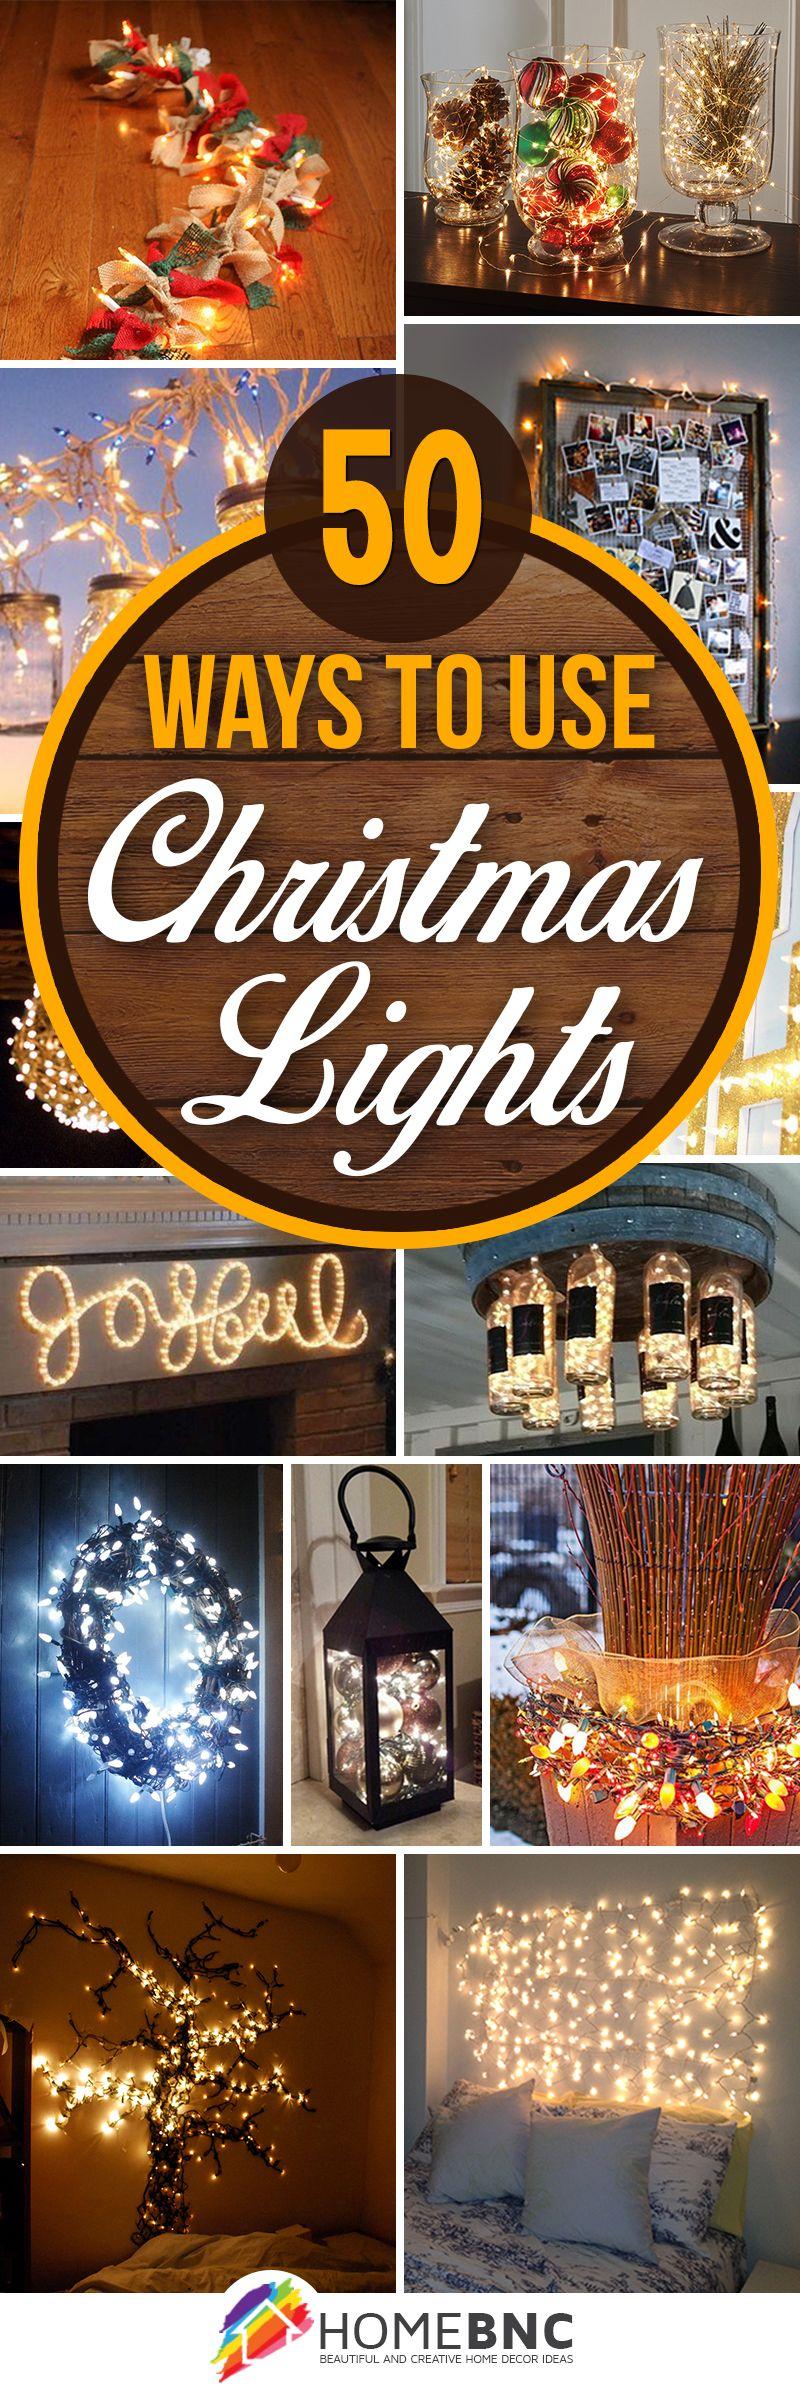 Amerikanische Weihnachtsbeleuchtung.50 Trendige Und Schöne Diy Weihnachtsbeleuchtung Dekoration Ideen